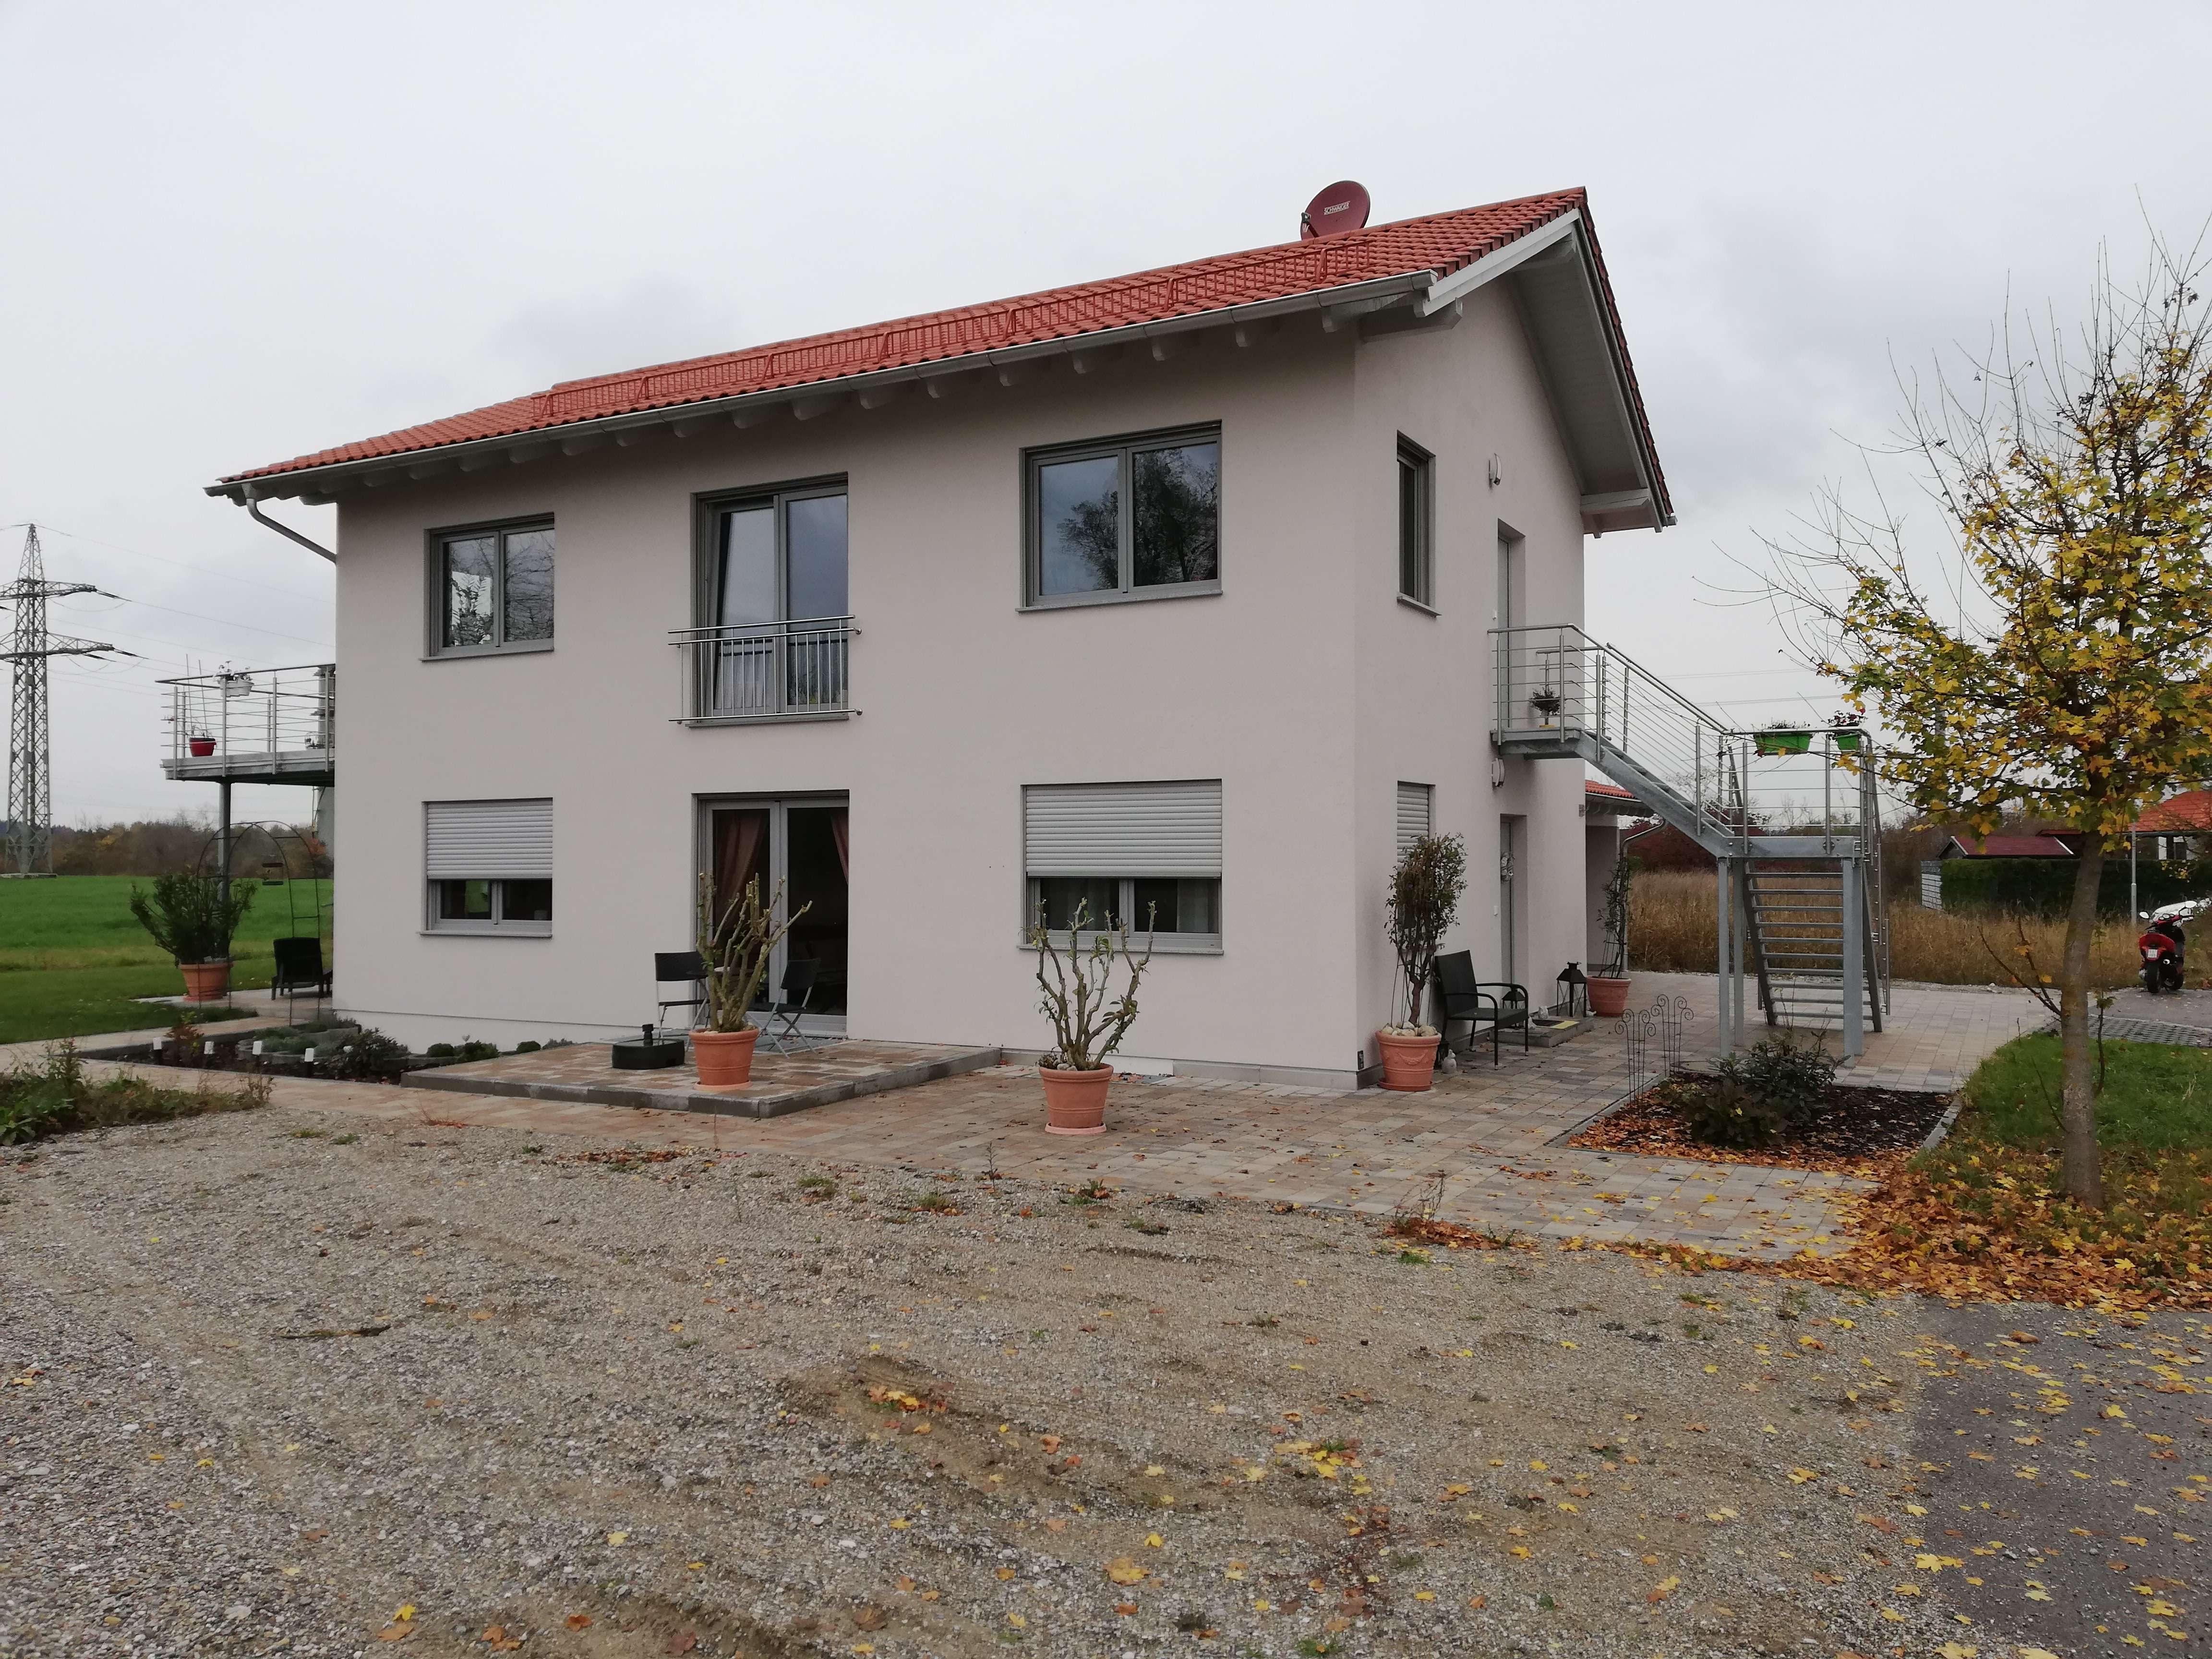 Schöne vier Zimmer Wohnung mit Garten und überdachter Terasse in Mühldorf in Mühldorf am Inn